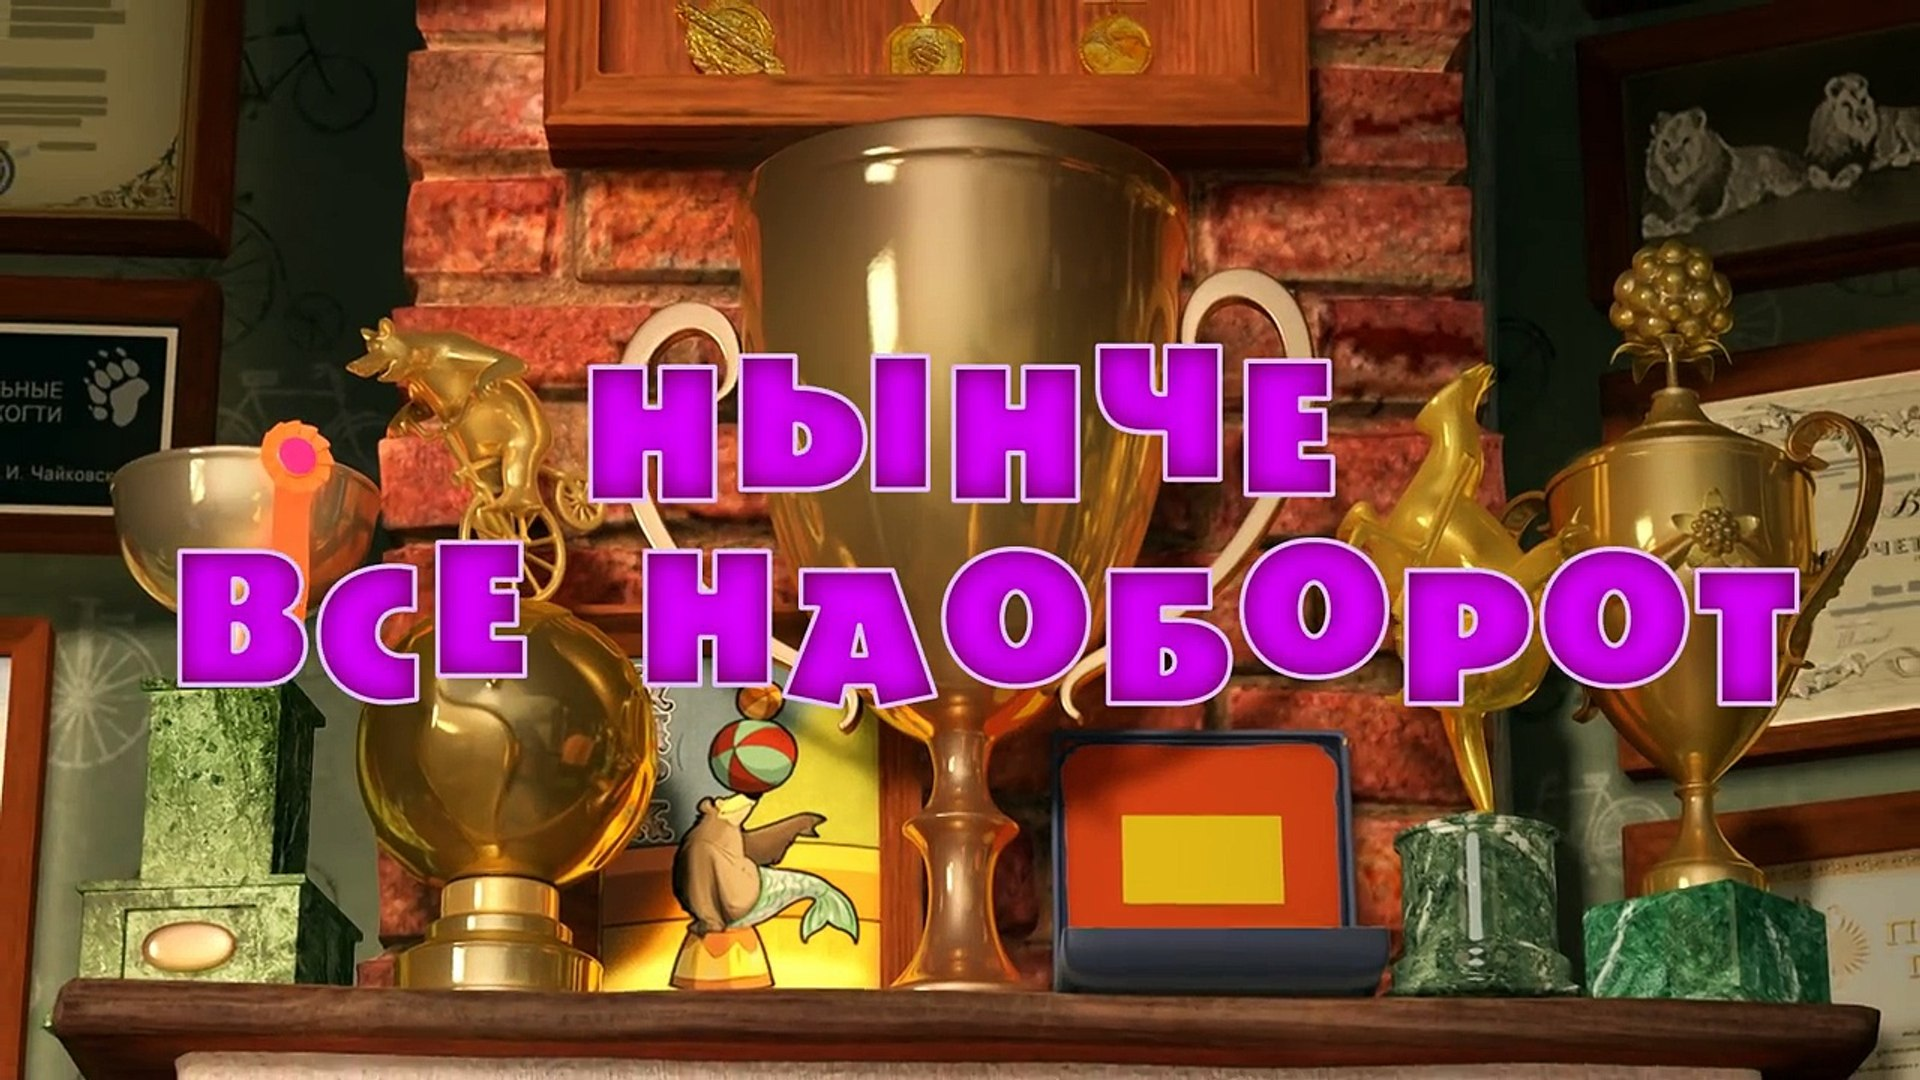 Cô Bé Siêu Quậy Và Chú Gấu Xiếc Tập 38 -  Phim Hoạt Hình 3D - Phim Hoạt Hình 3D Vui Nhộn Hài Hước -